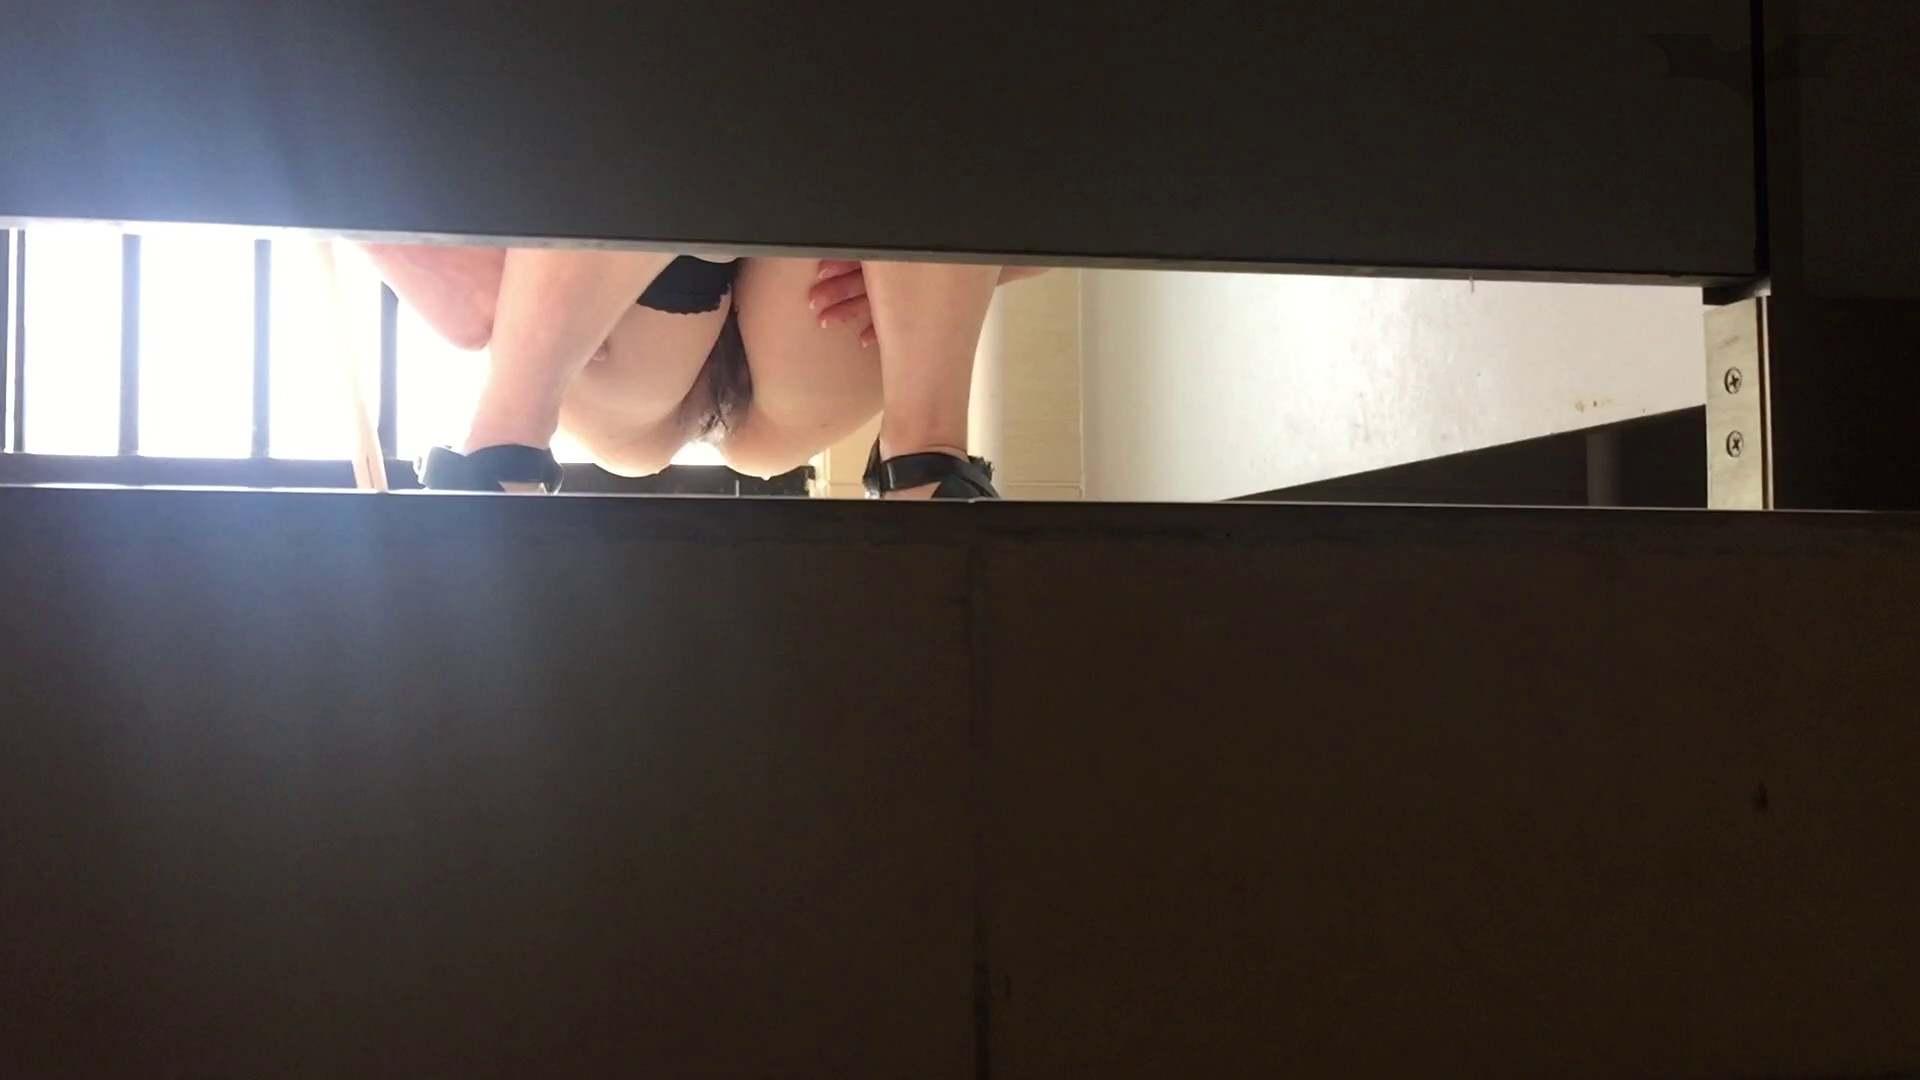 JD盗撮 美女の洗面所の秘密 Vol.73 トイレのぞき オメコ無修正動画無料 105画像 49